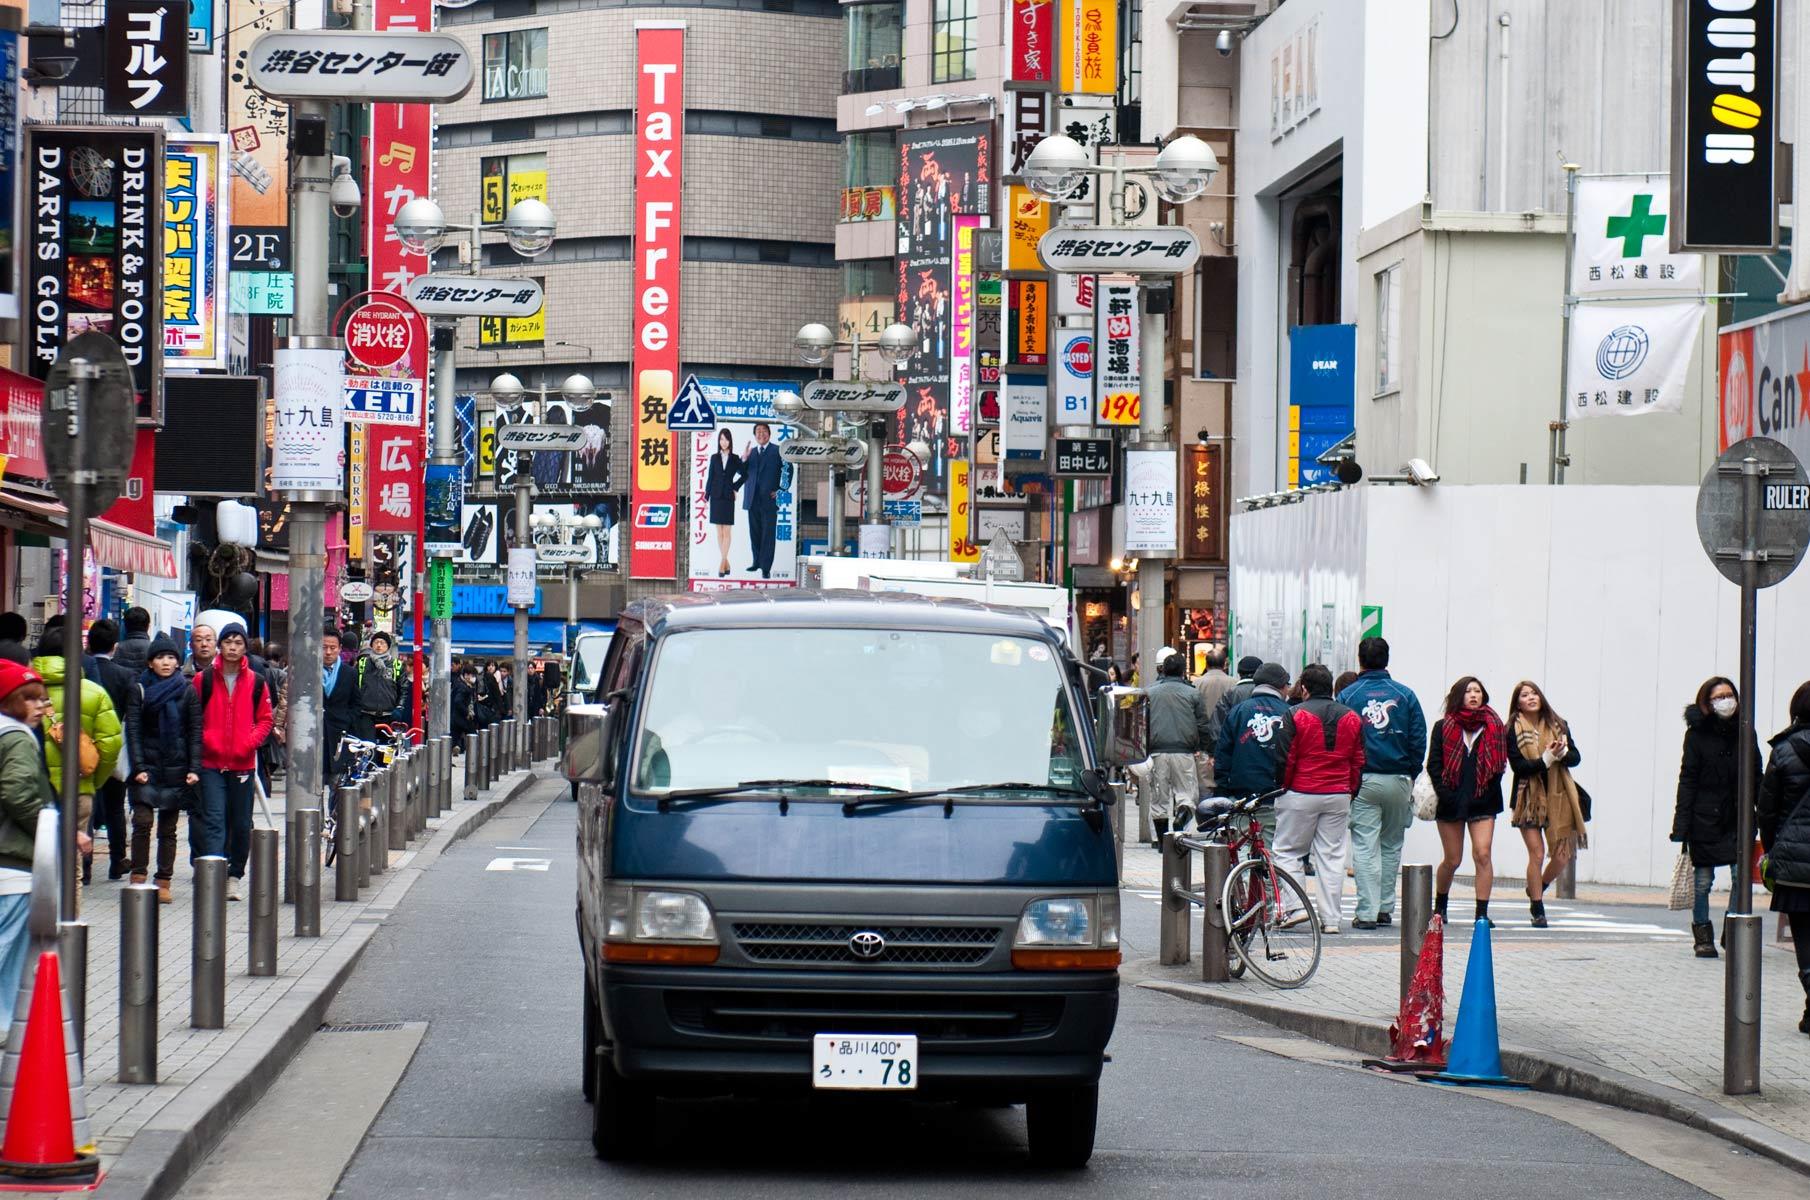 Akasaka Viertel in Tokyo, Japan